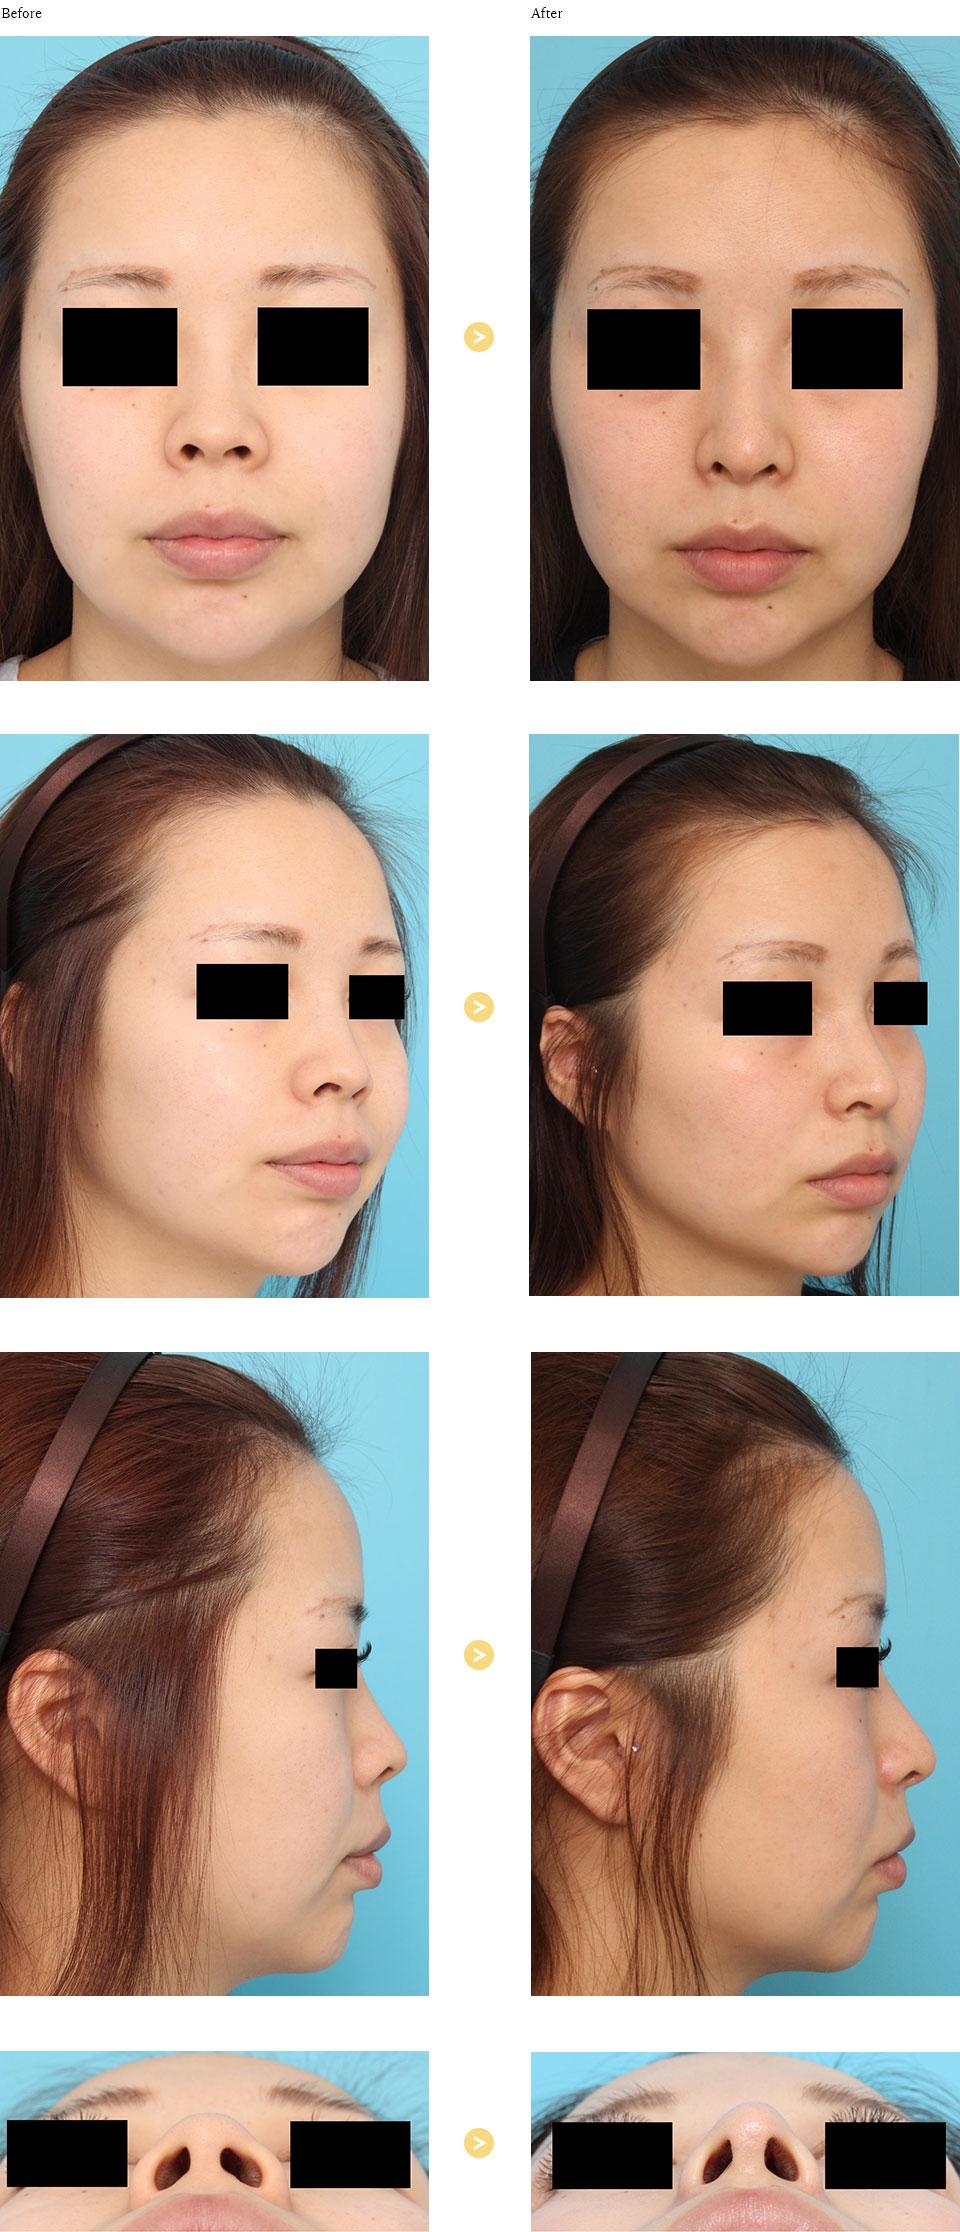 鼻中隔延長術+鼻翼縮小術(外側)